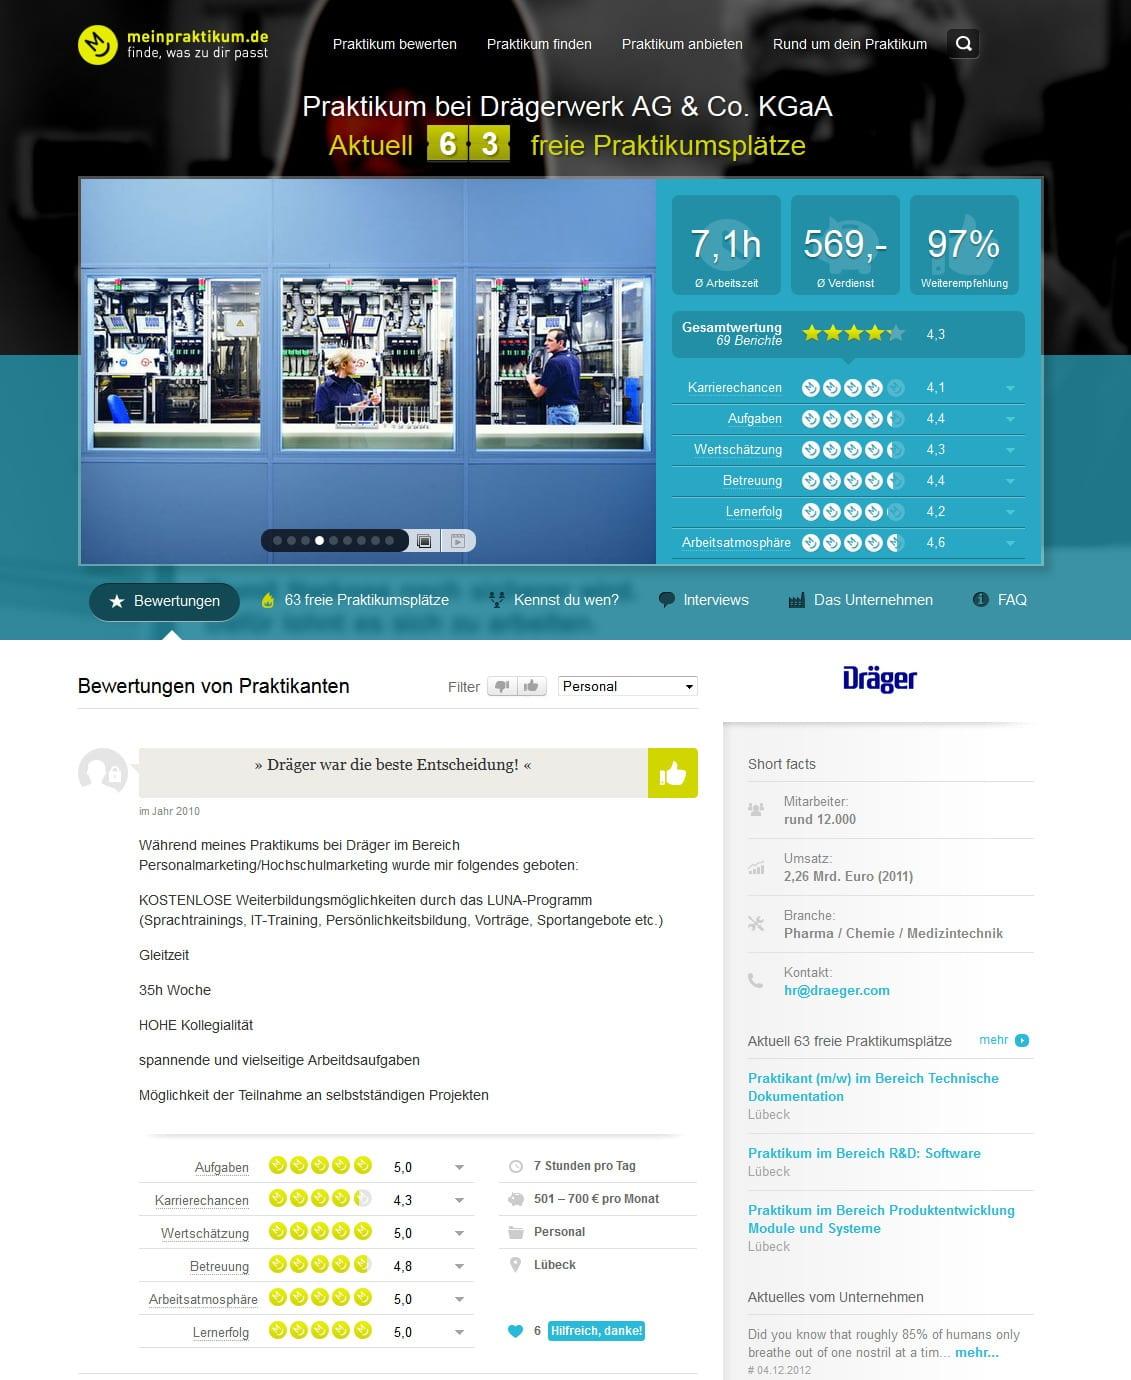 Unternehmensprofile bei meinpraktikum - Employer Branding und Usability in Bestform